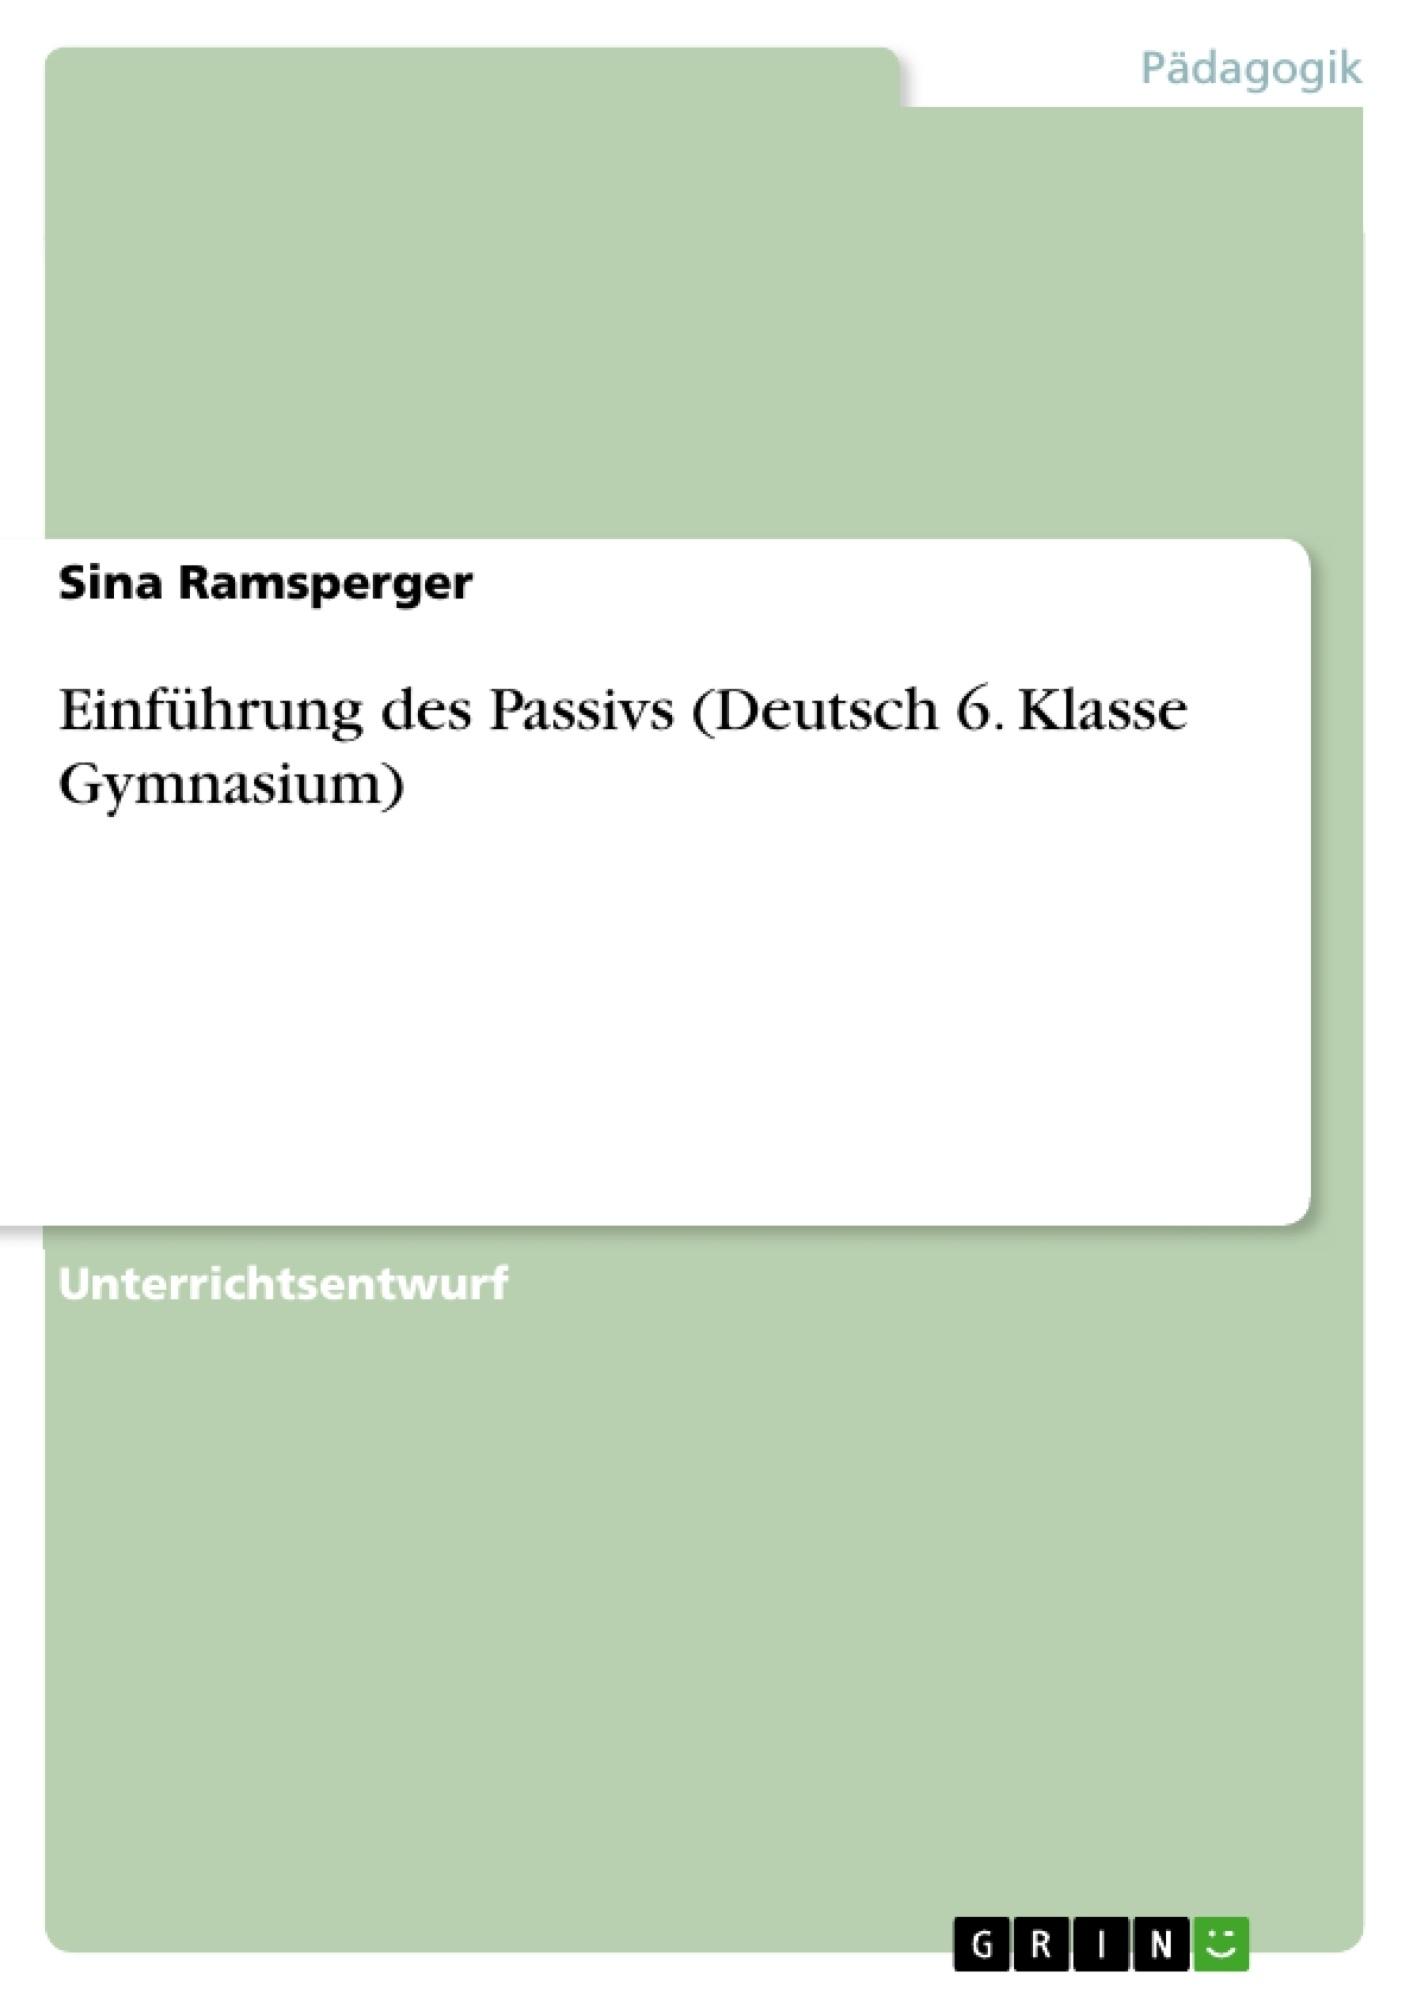 Einführung des Passivs (Deutsch 6. Klasse Gymnasium) | Masterarbeit ...